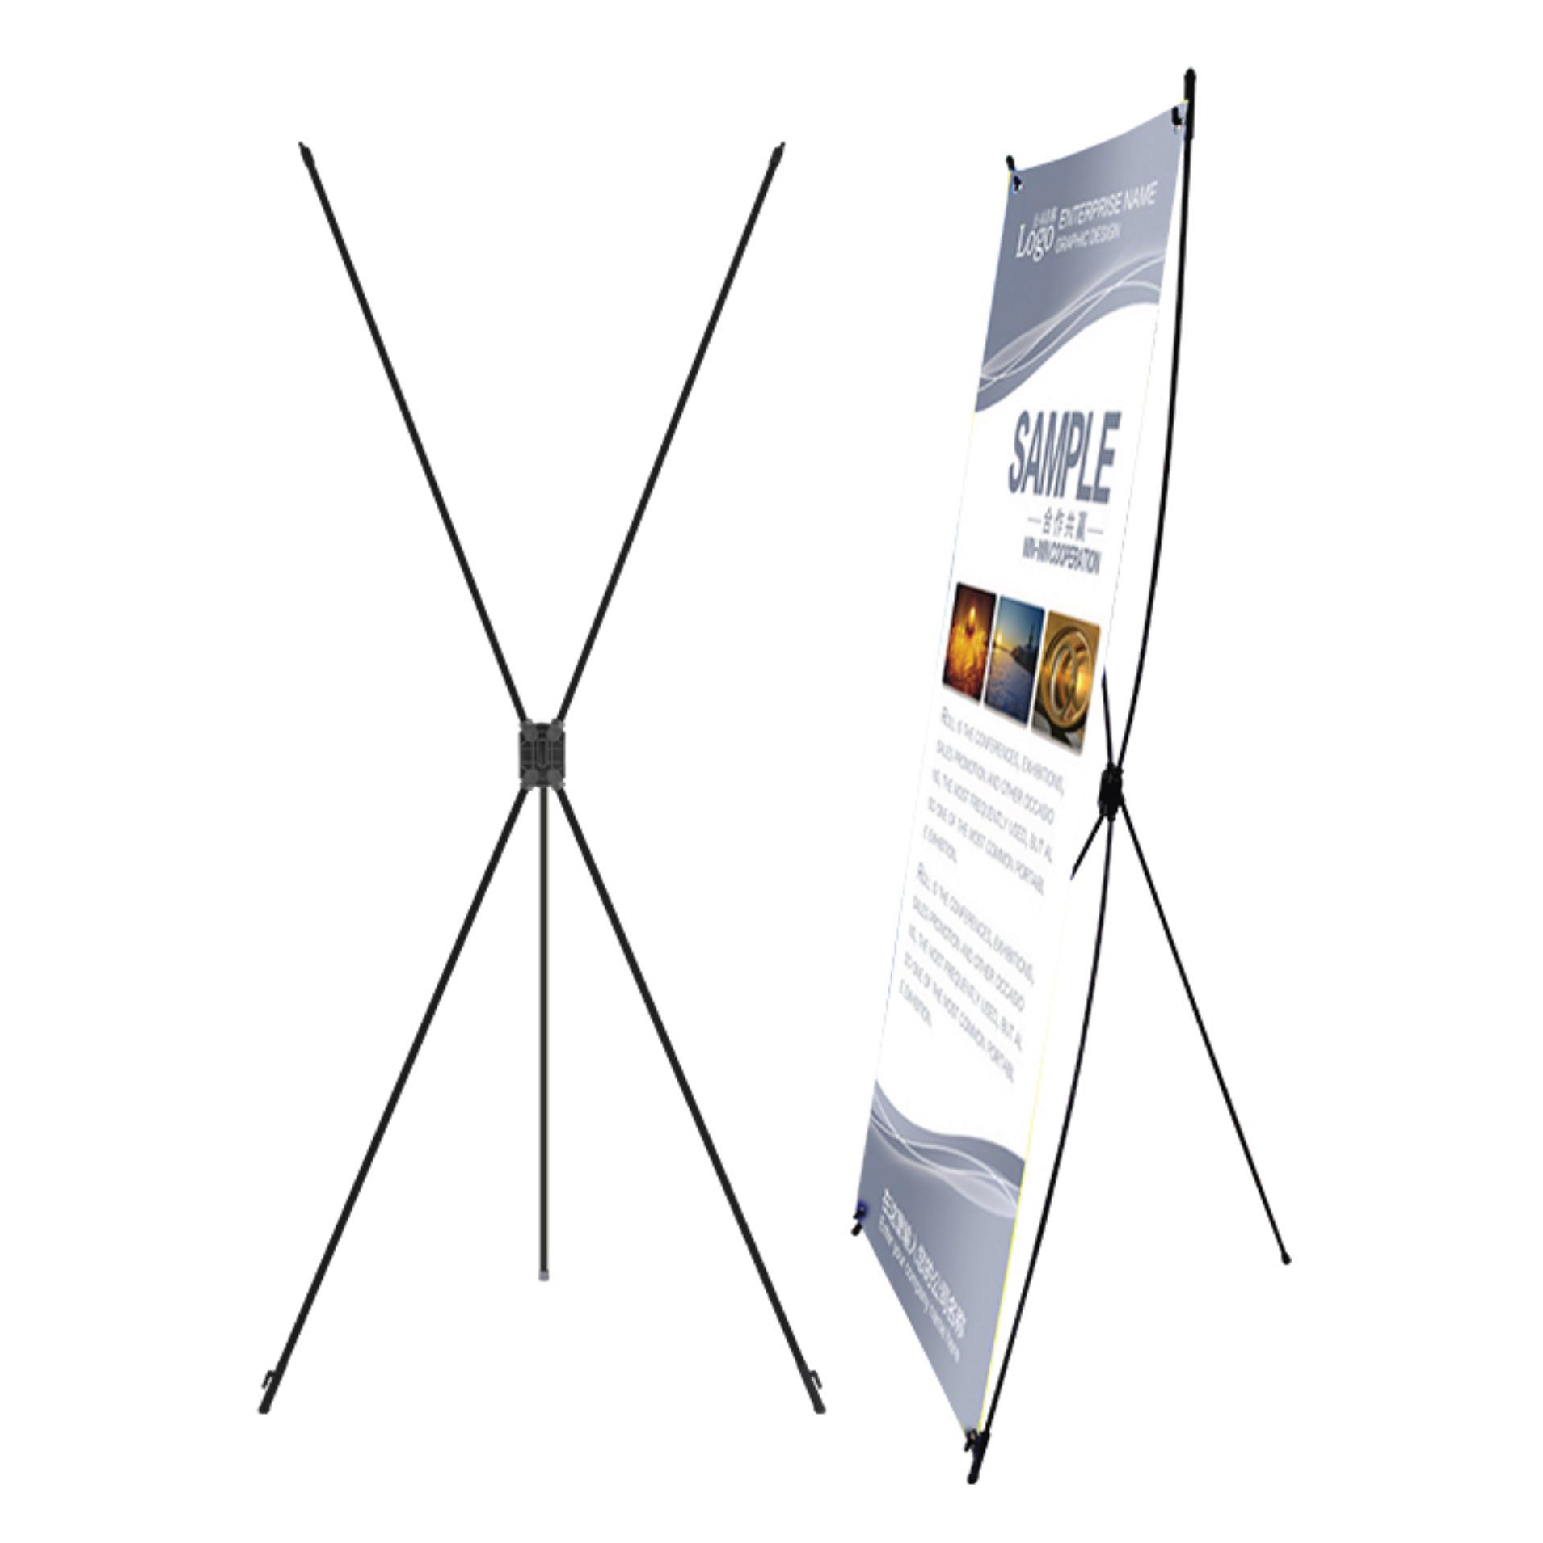 Chân Standee X (0.8x1.8m)